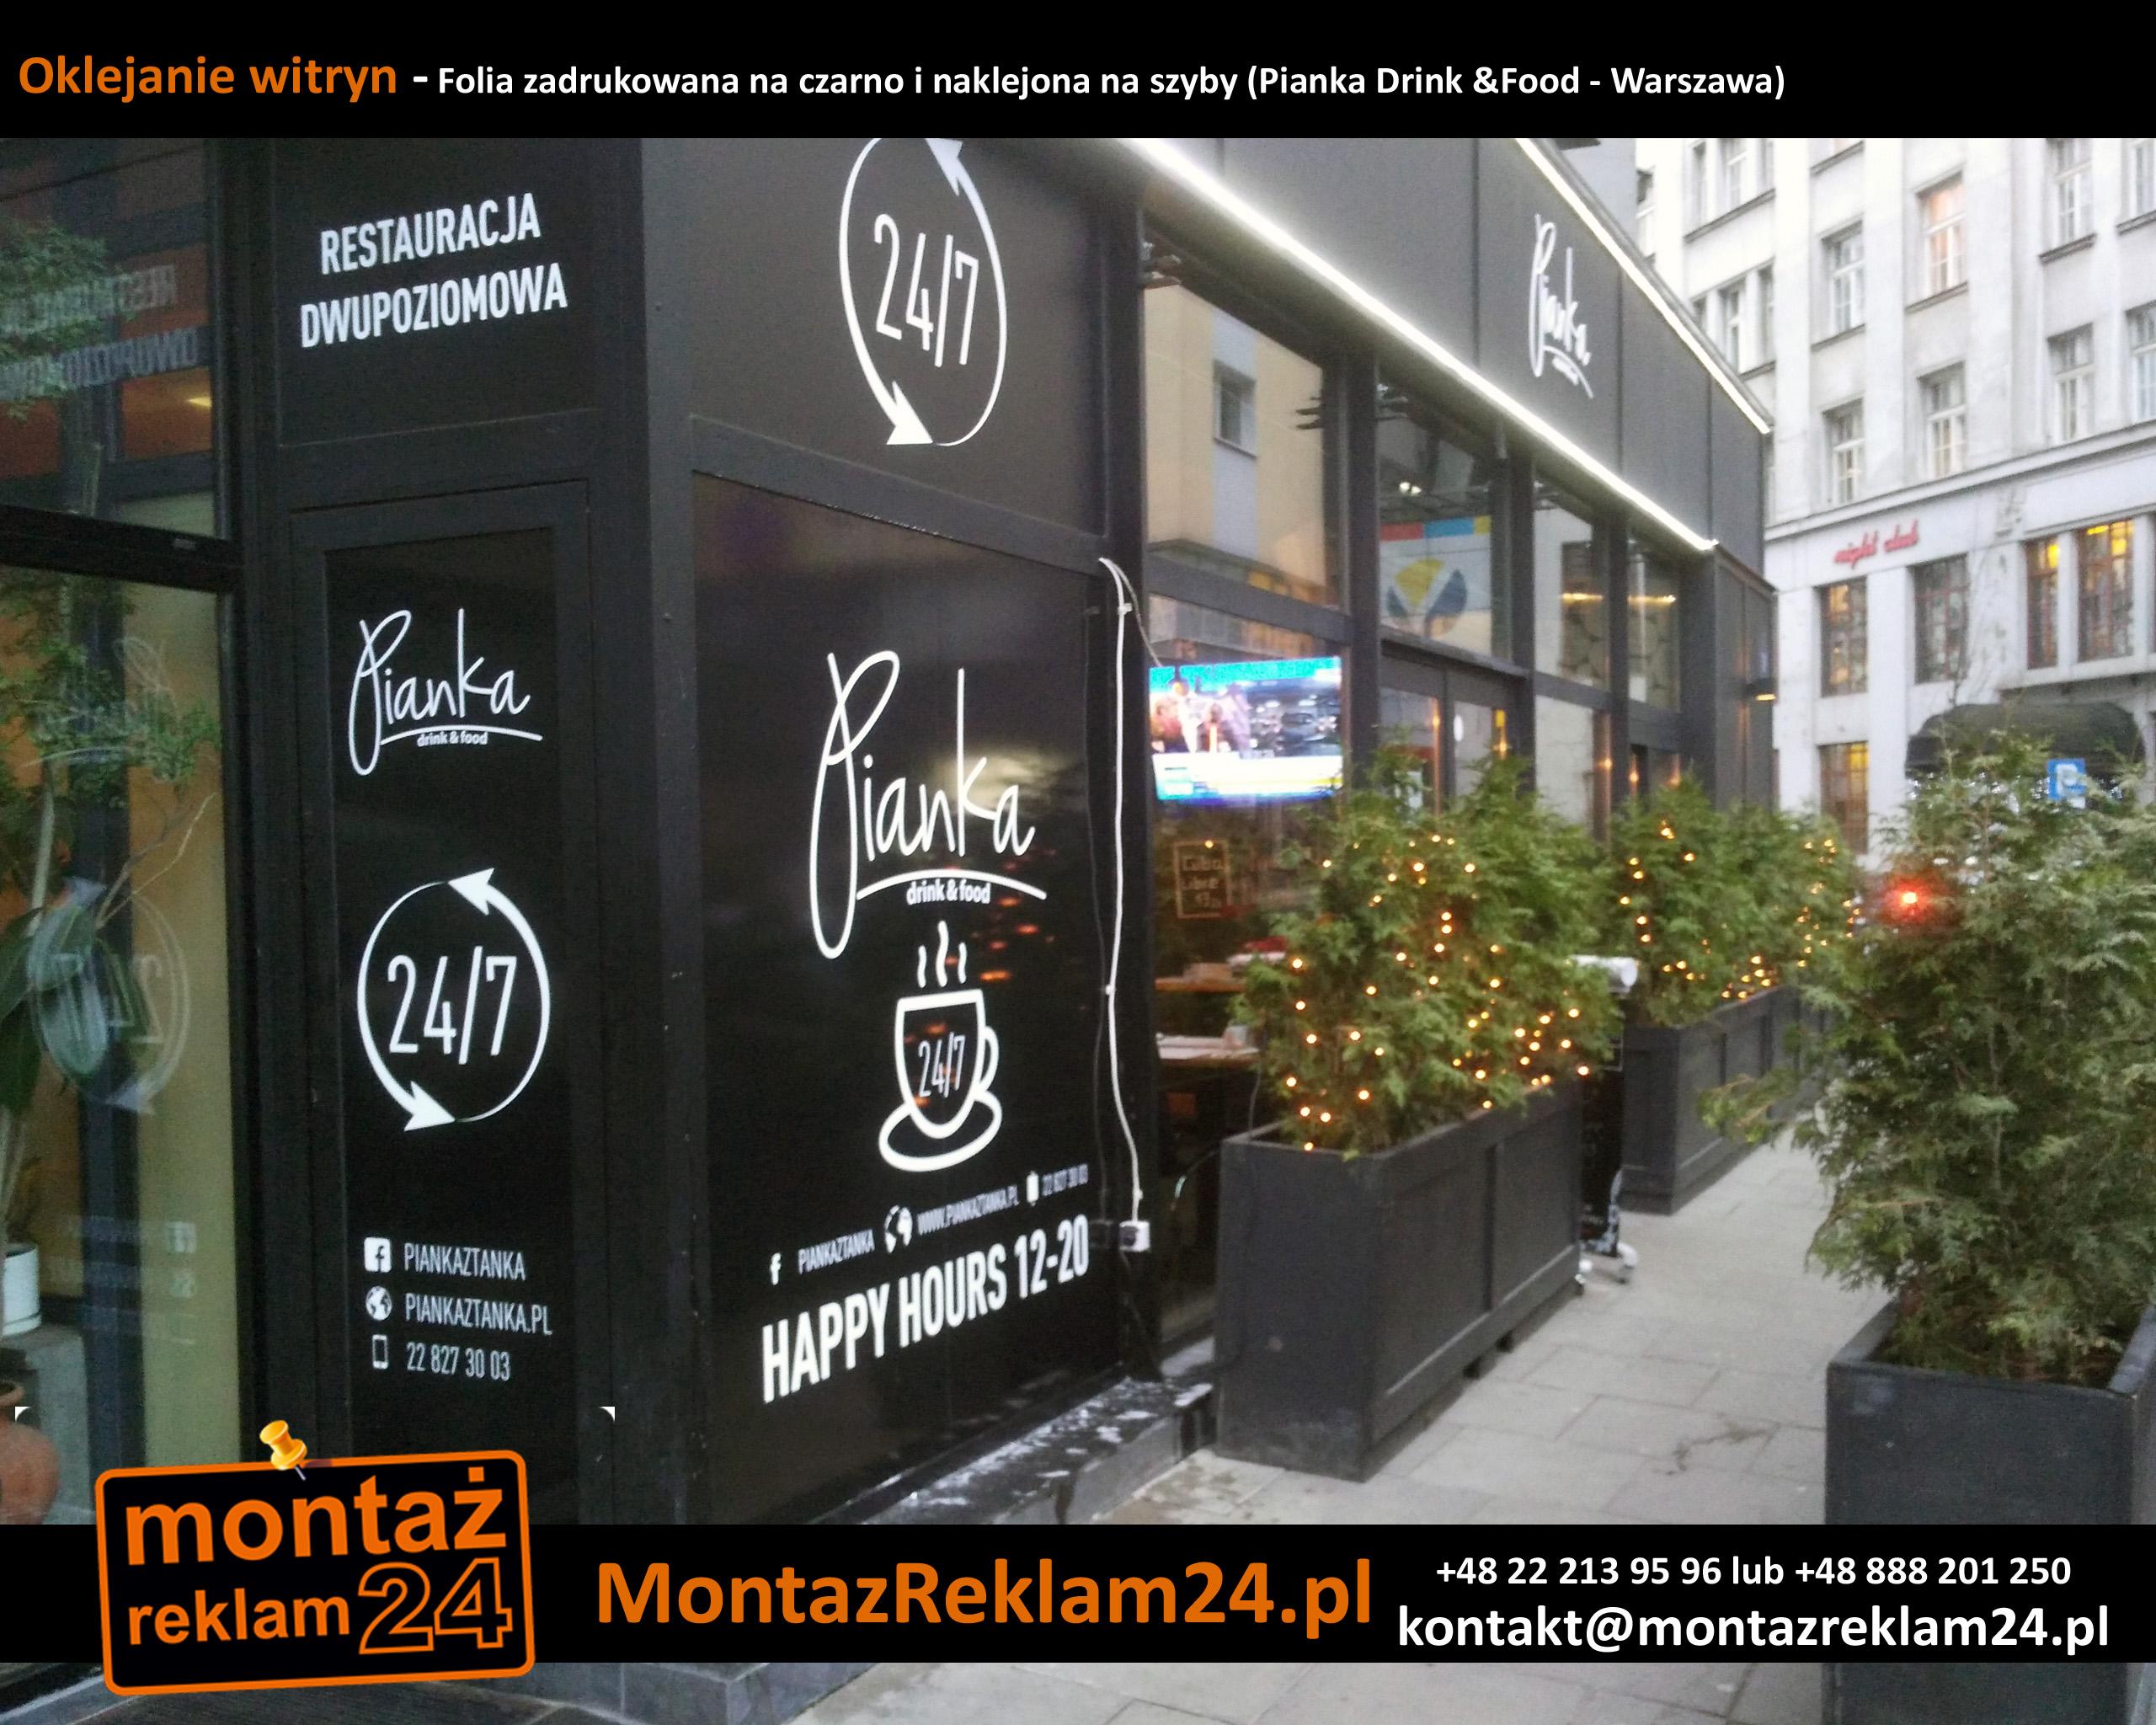 Oklejanie witryn - Folia zadrukowana na czarno i naklejona na szyby (Pianka Drink &Food - Warszawa).jpg